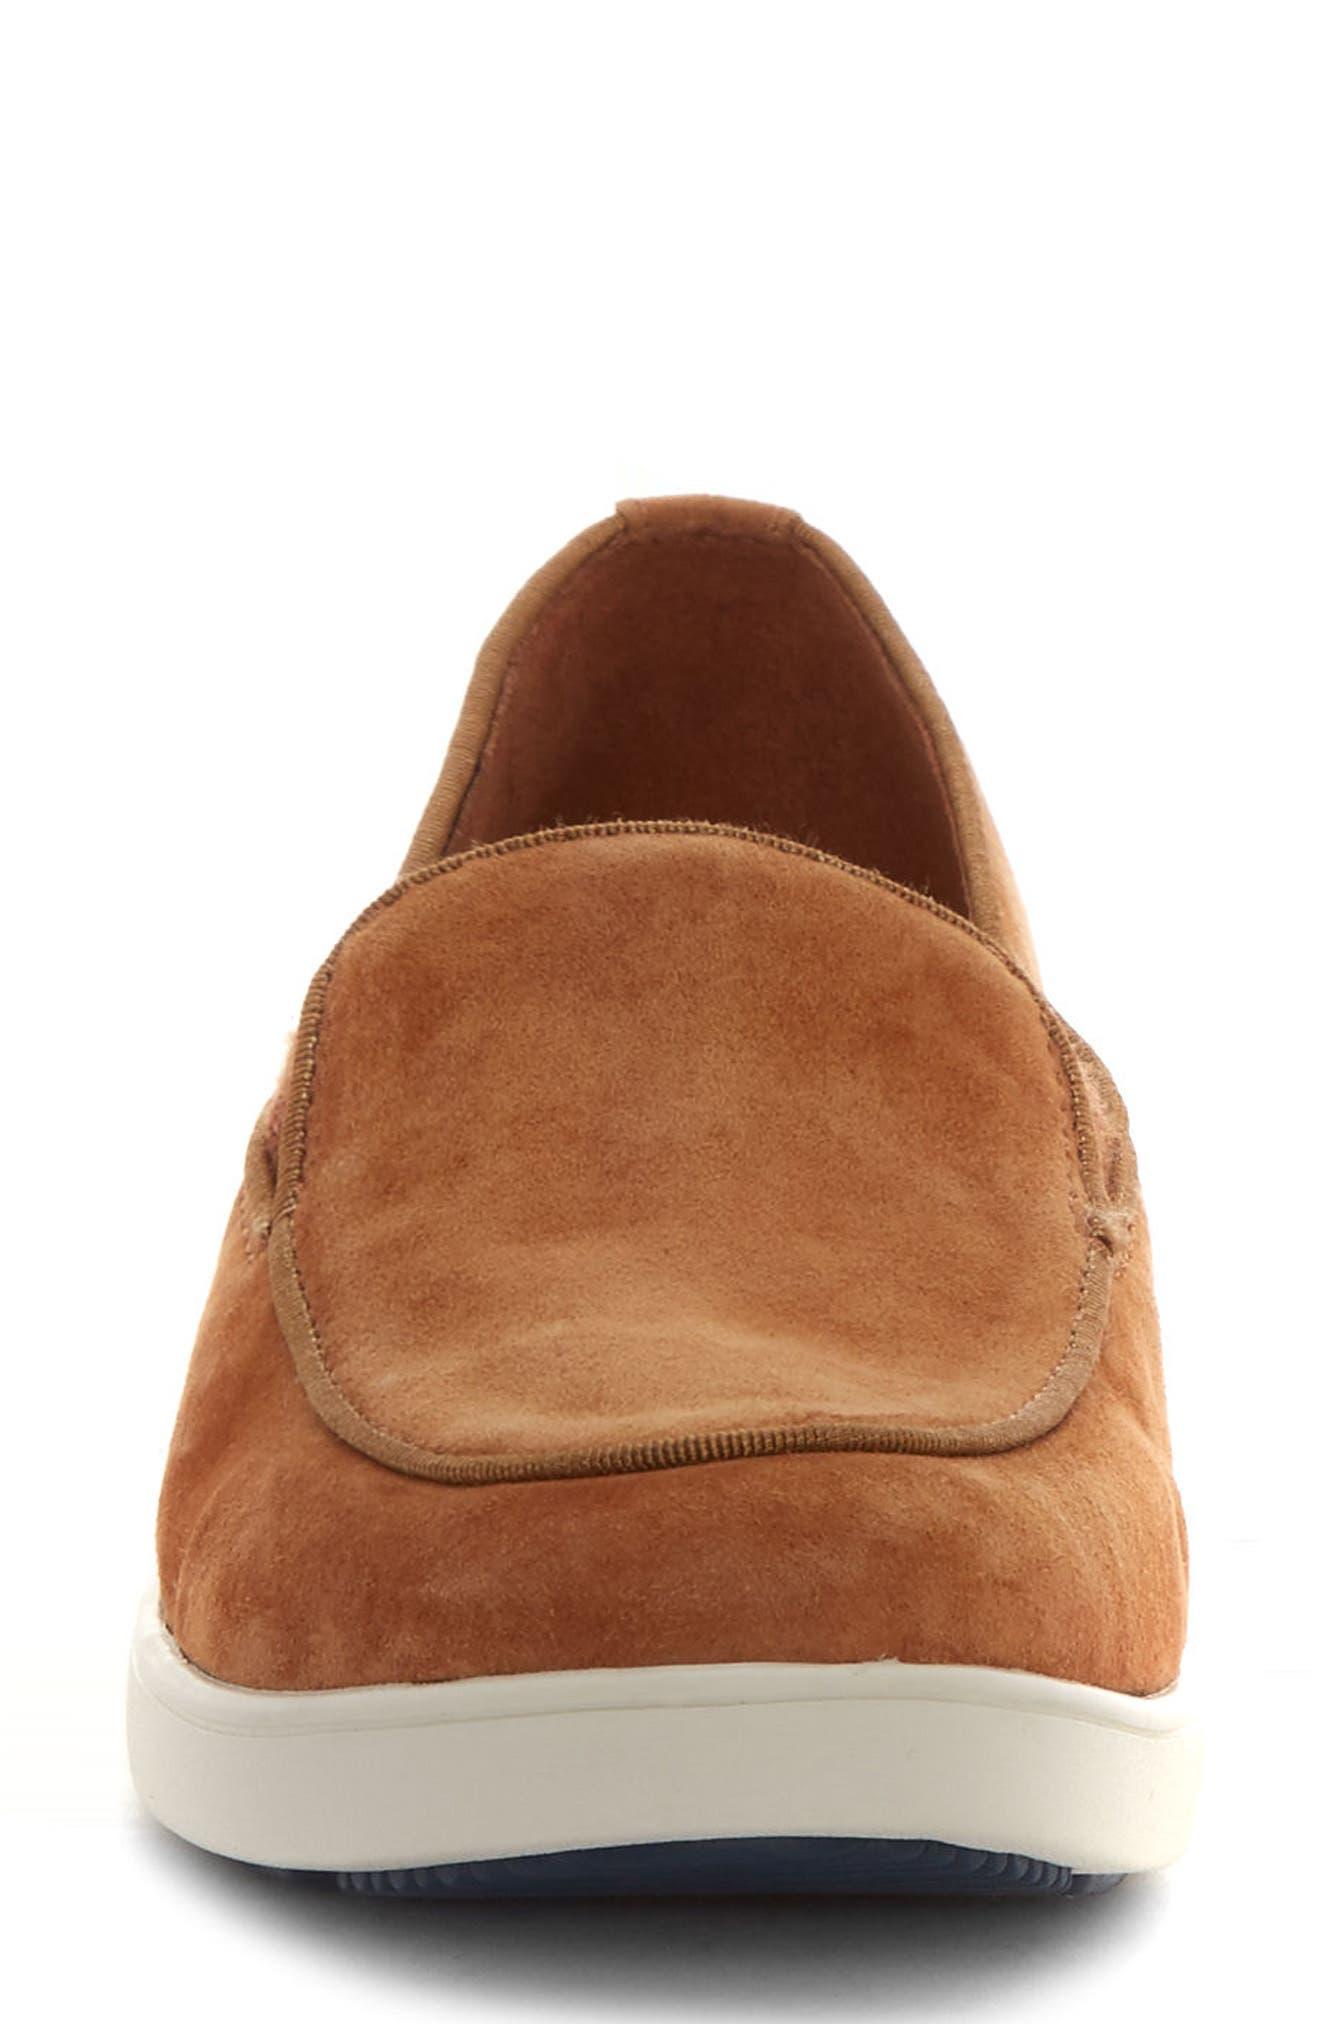 Alternate Image 4  - ED Ellen DeGeneres Antona Slip-On Sneaker (Women)